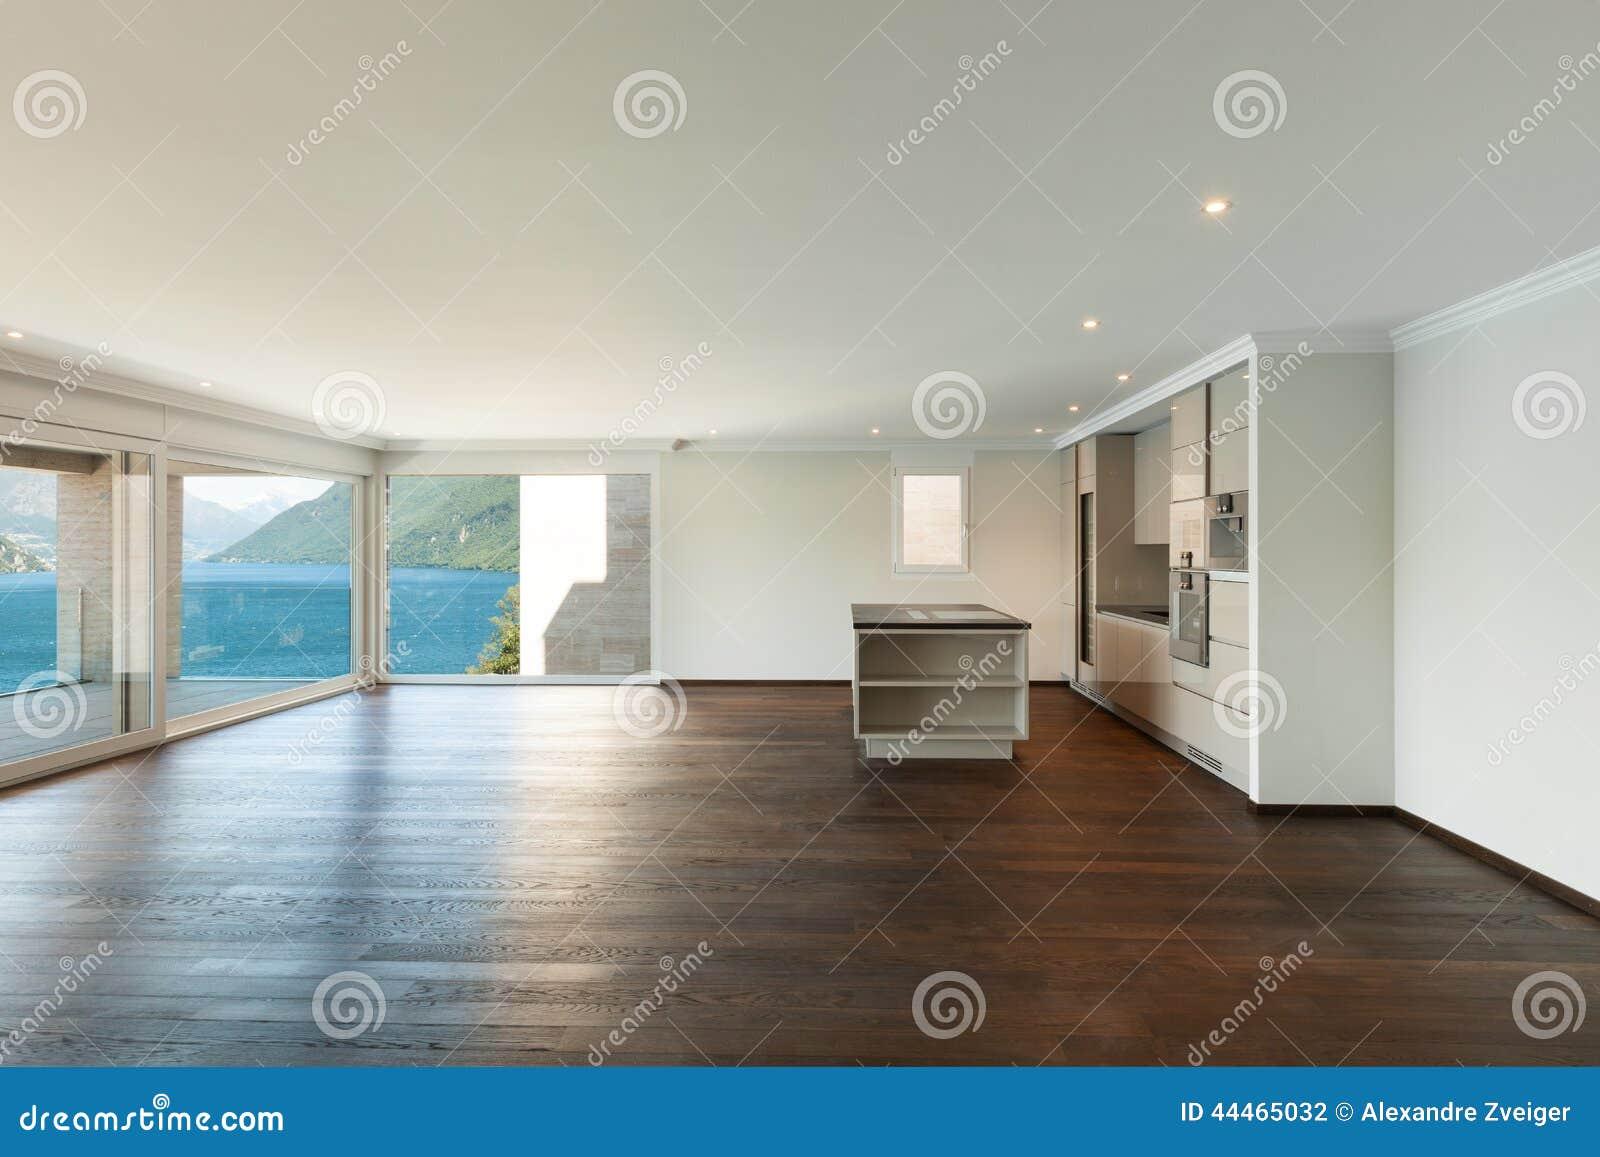 Schönes Modernes Haus, Innen Stockfoto - Bild von innen, geöffnet ...